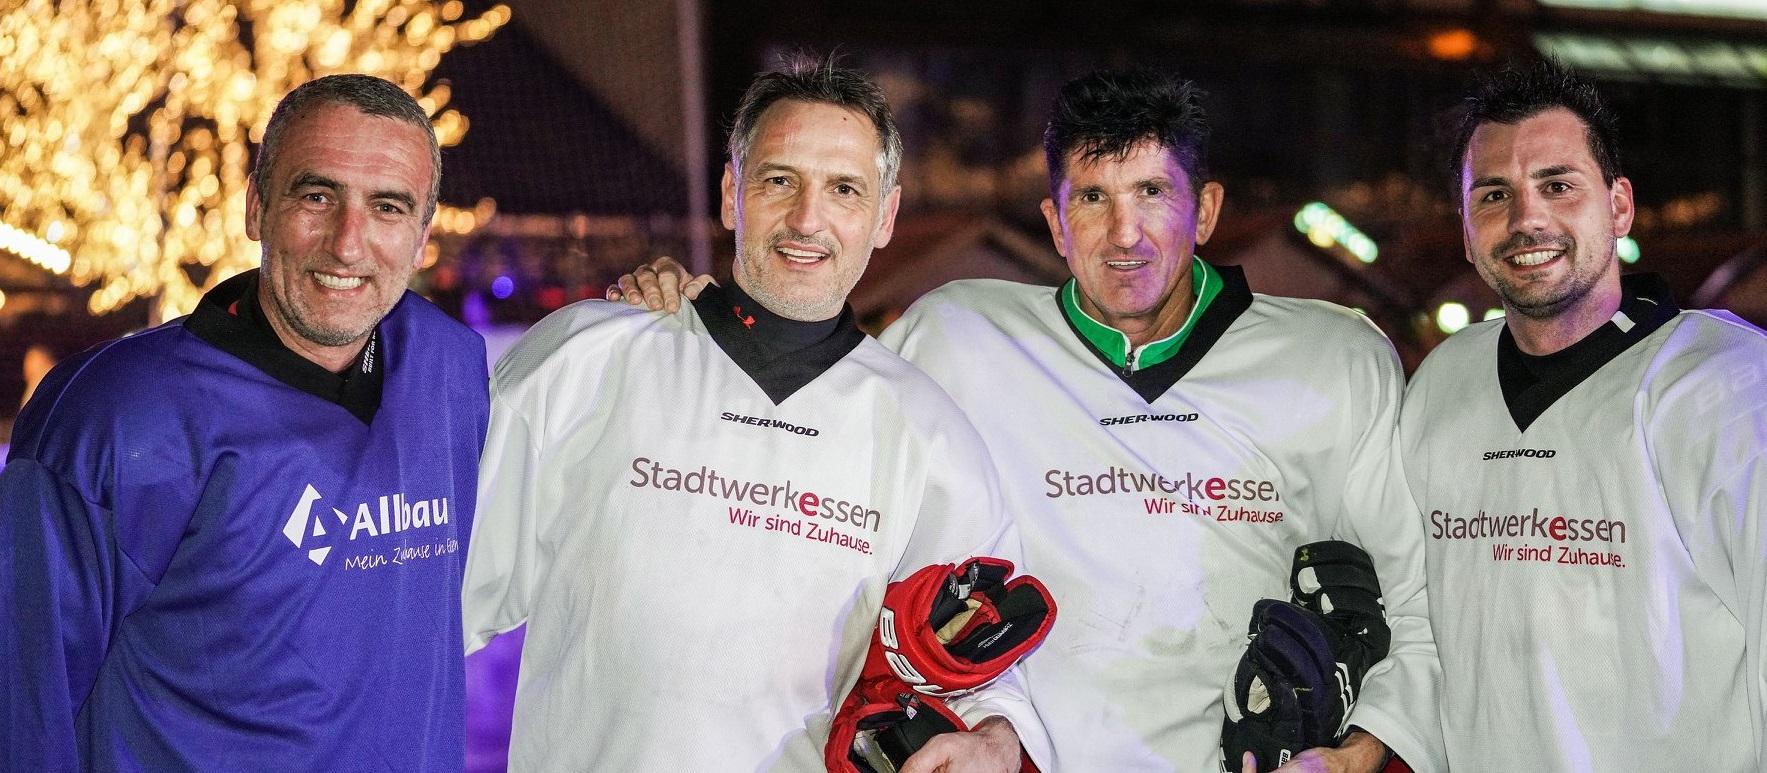 Marcus Uhlig stand diesmal für die Allbau Sporties auf dem Eis und musste sich mit Jörn Nowak und den Stadtwerke Allstars messen. (Foto:Gohl)